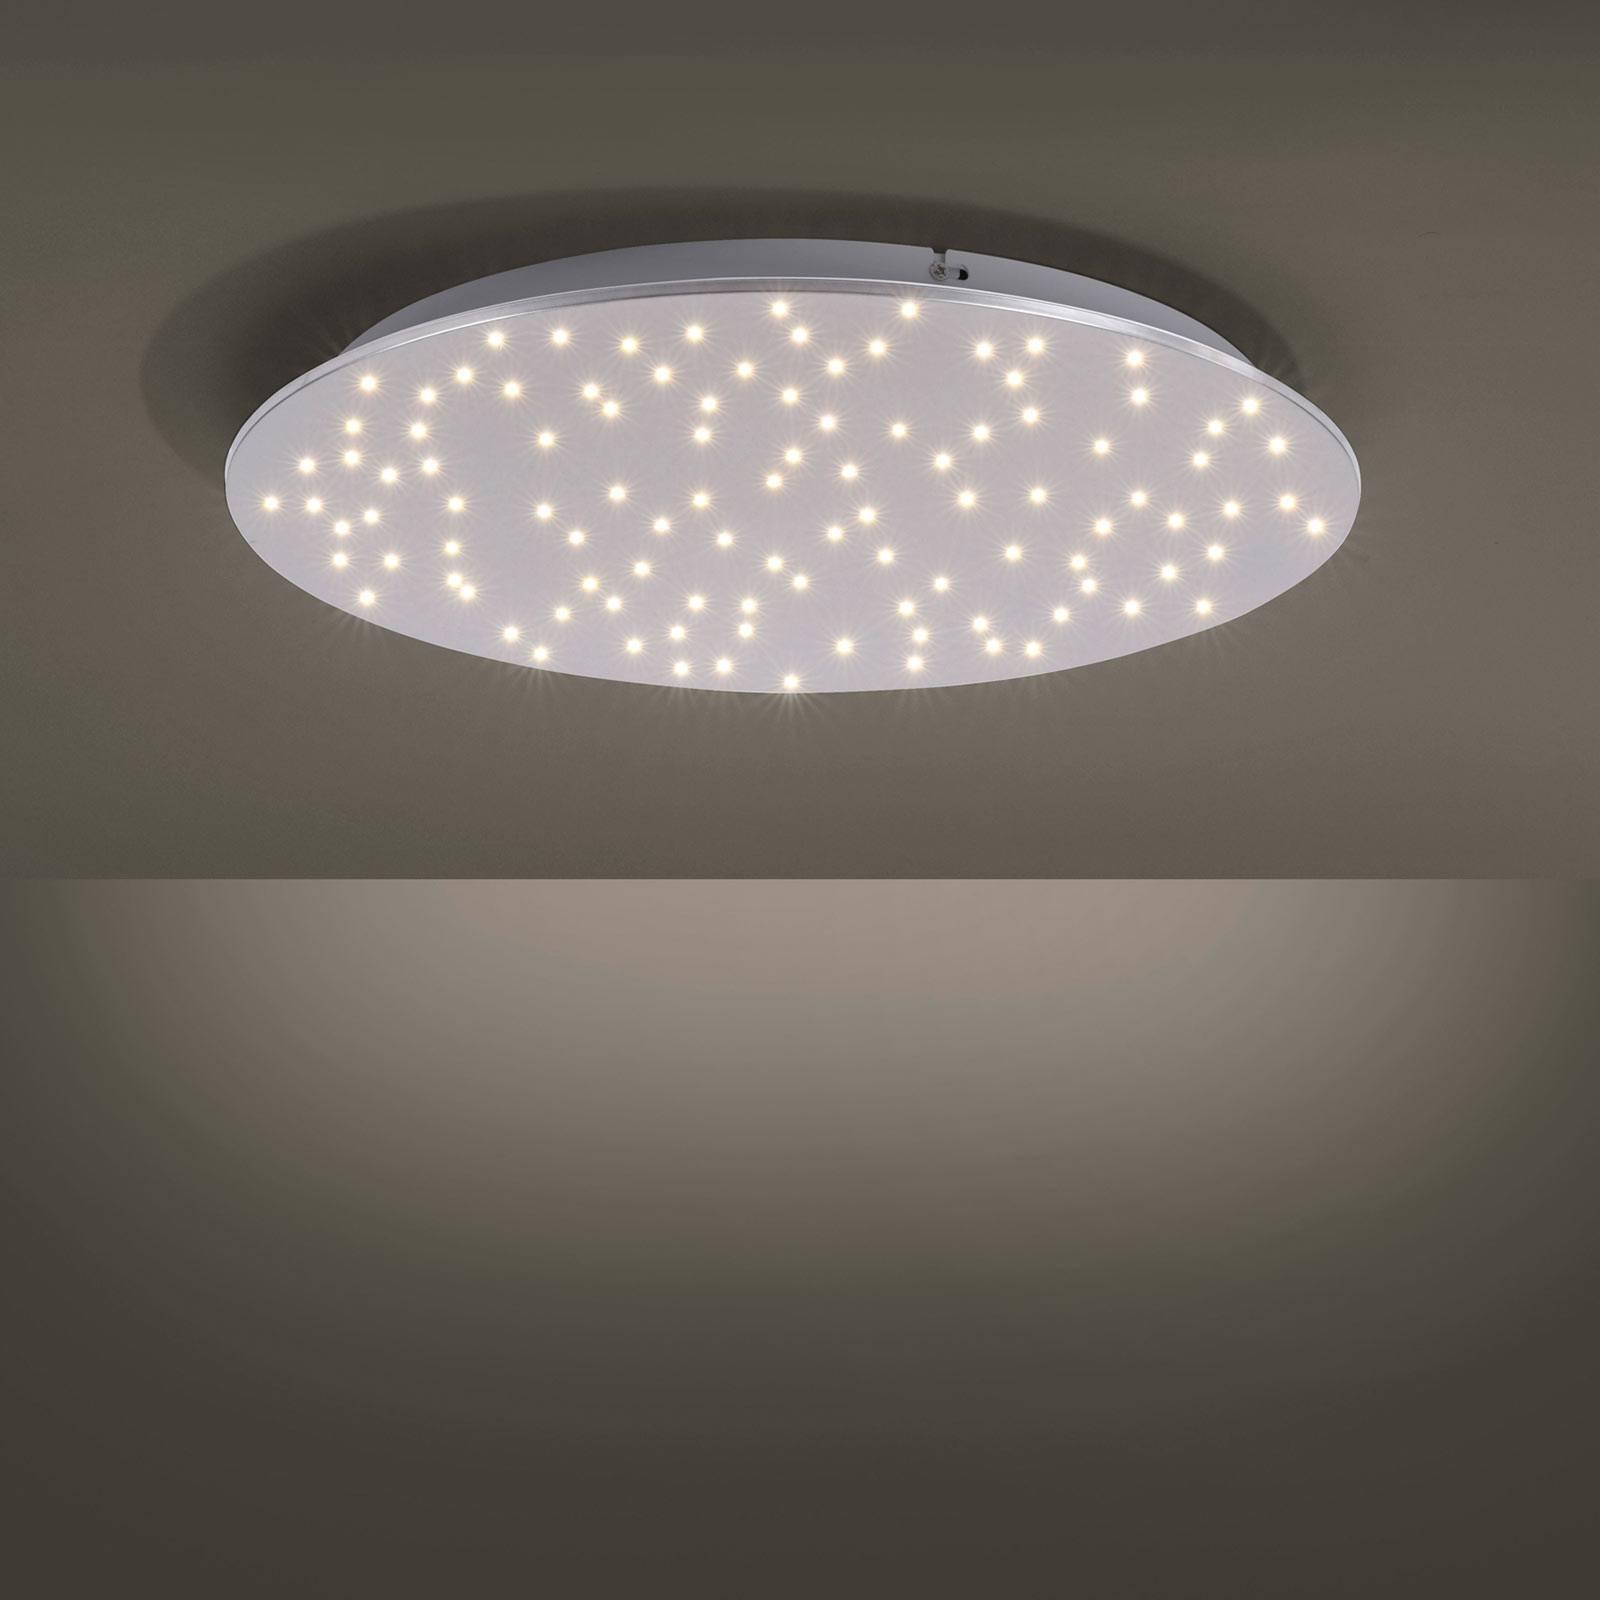 LED plafondlamp Sparkle, afstembaar wit, Ø 48 cm